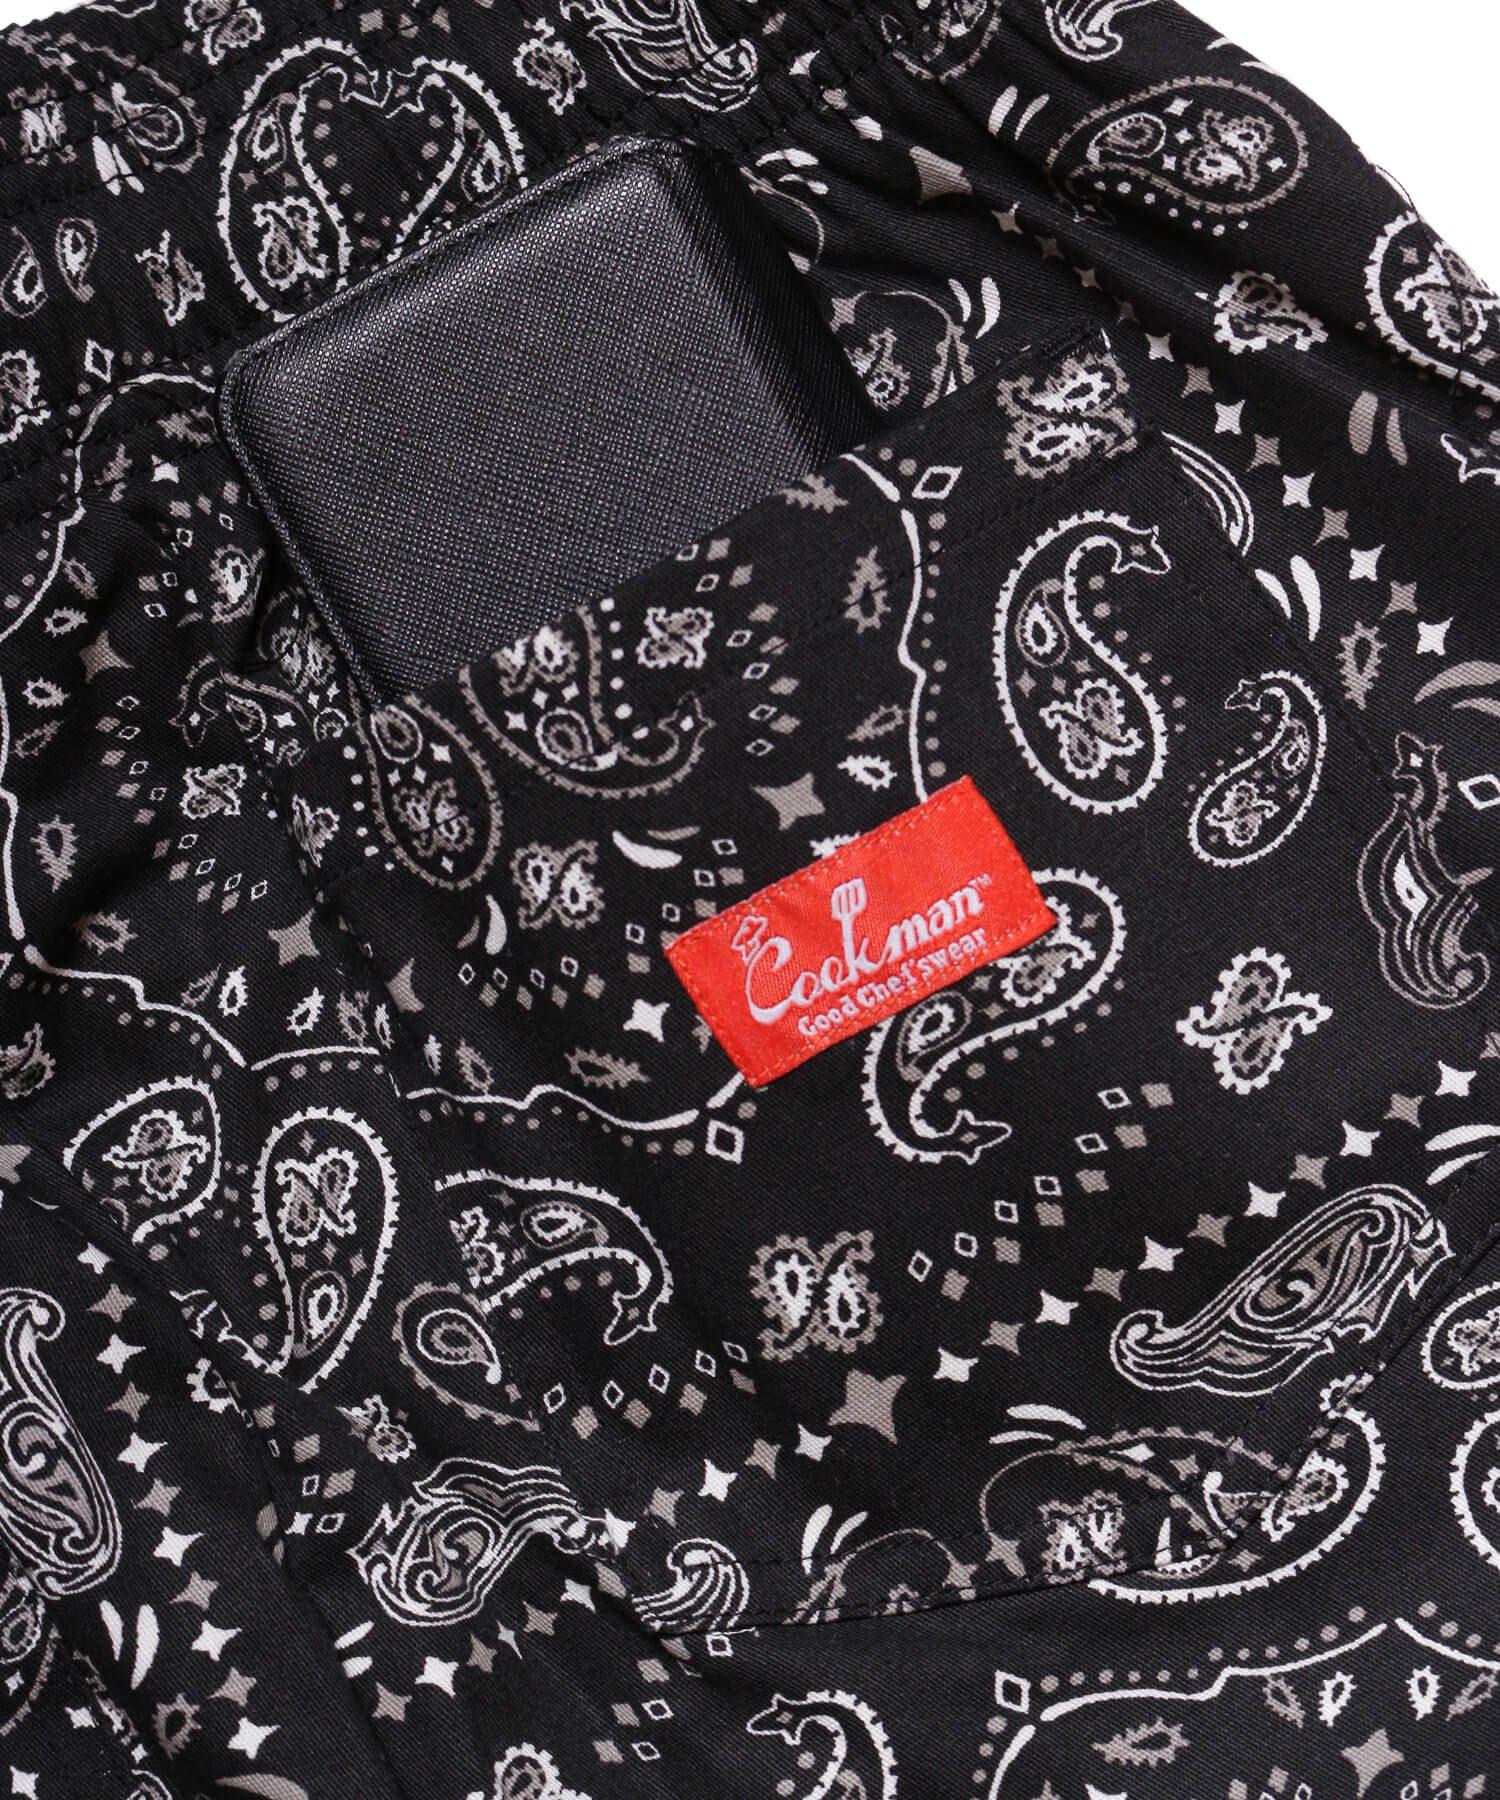 COOKMAN / クックマン   WAITER'S PANTS (PAISLEY BLACK):ウェイターズパンツ 商品画像5